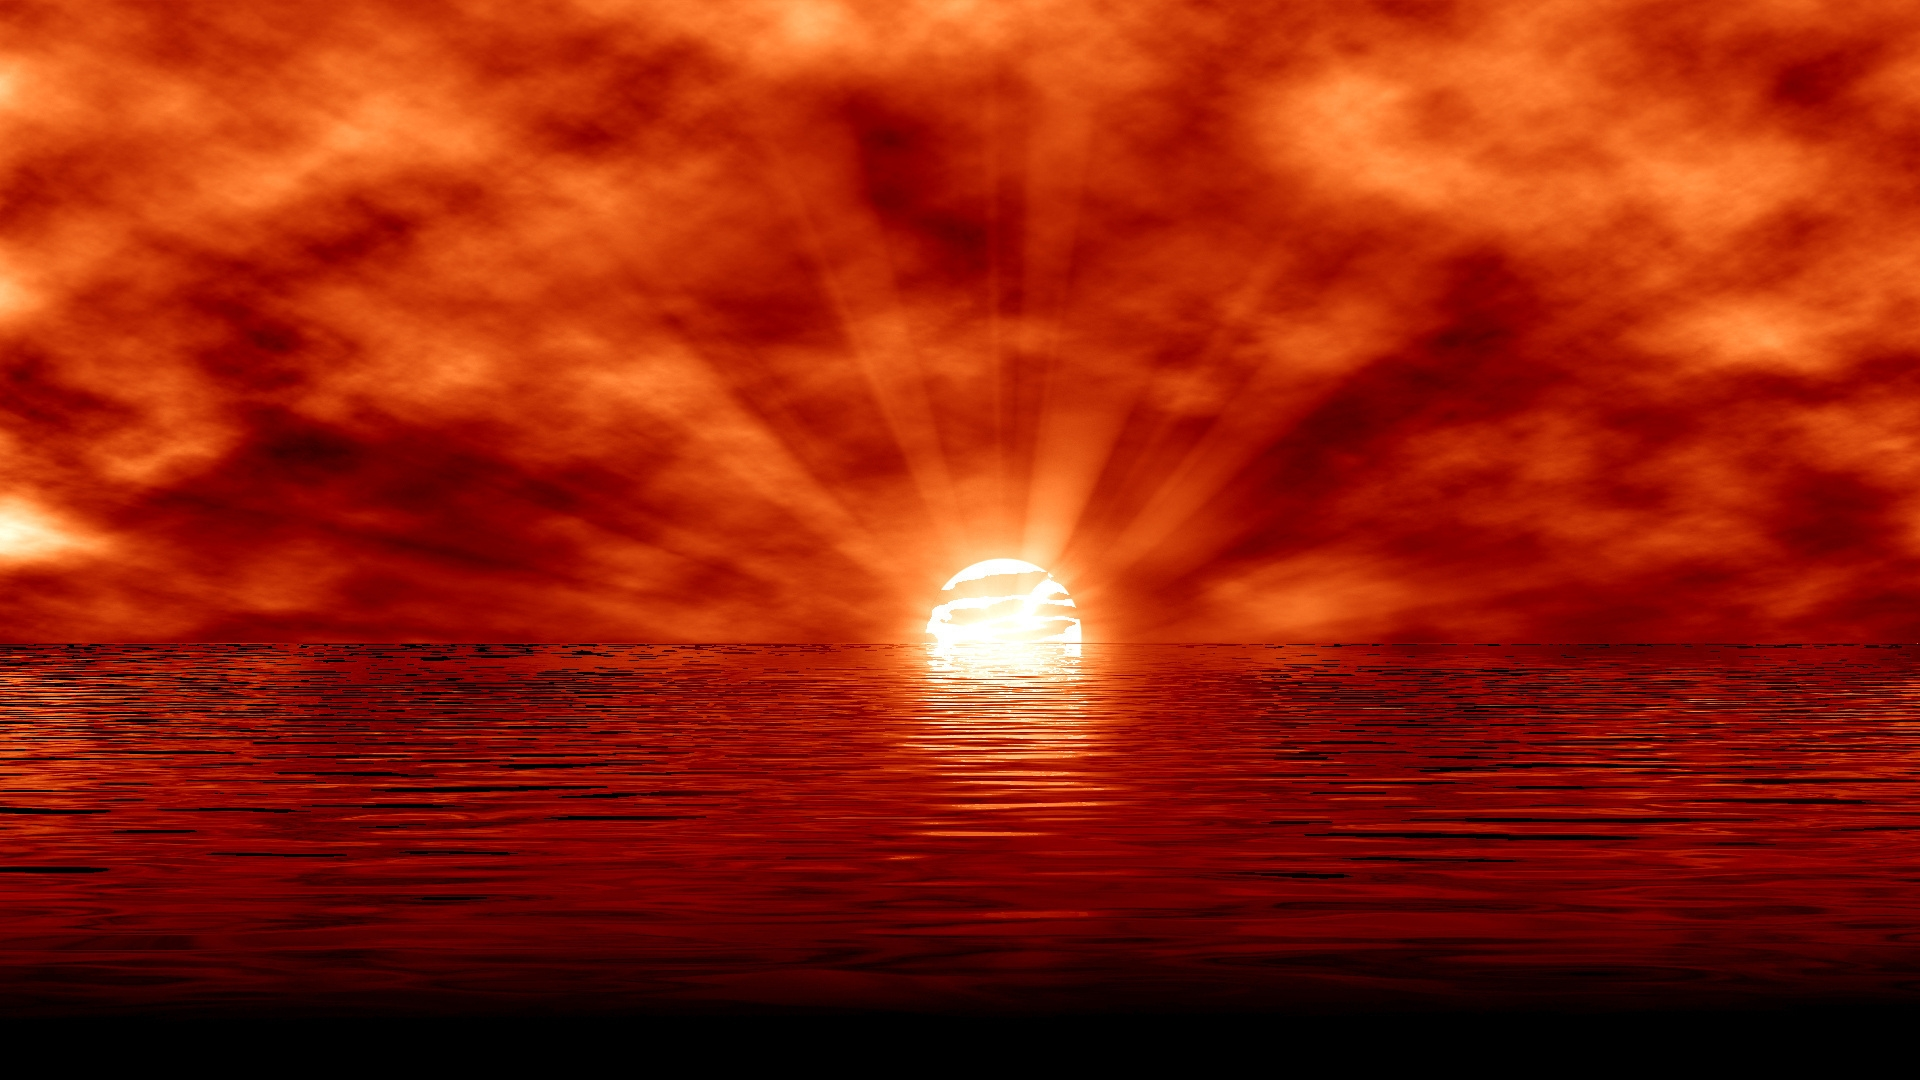 sun, sunset, sea